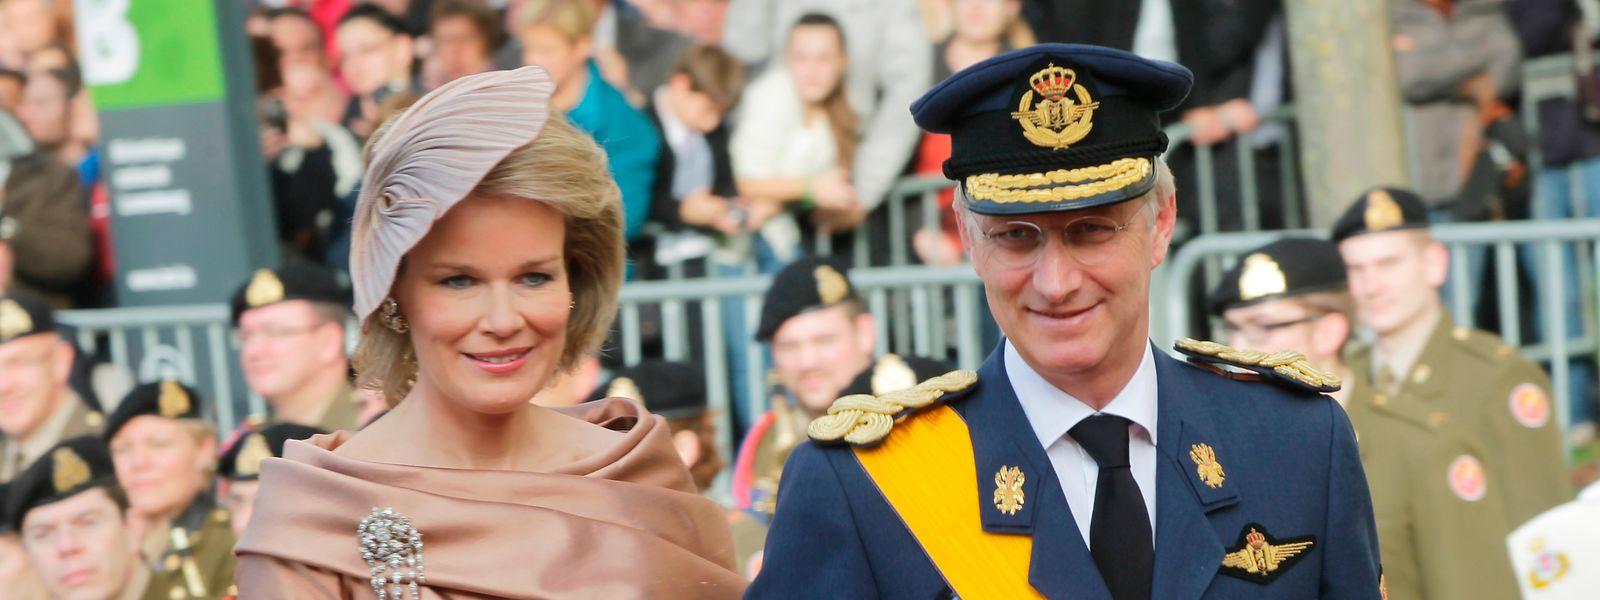 Im Oktober 2012 waren Kronprinz Philippe und Prinzessin Mathilde von Belgien in Luxemburg für die Hochzeit von Erbgroßherzog Guillaume und Gräfin Stéphanie de Lannoy.